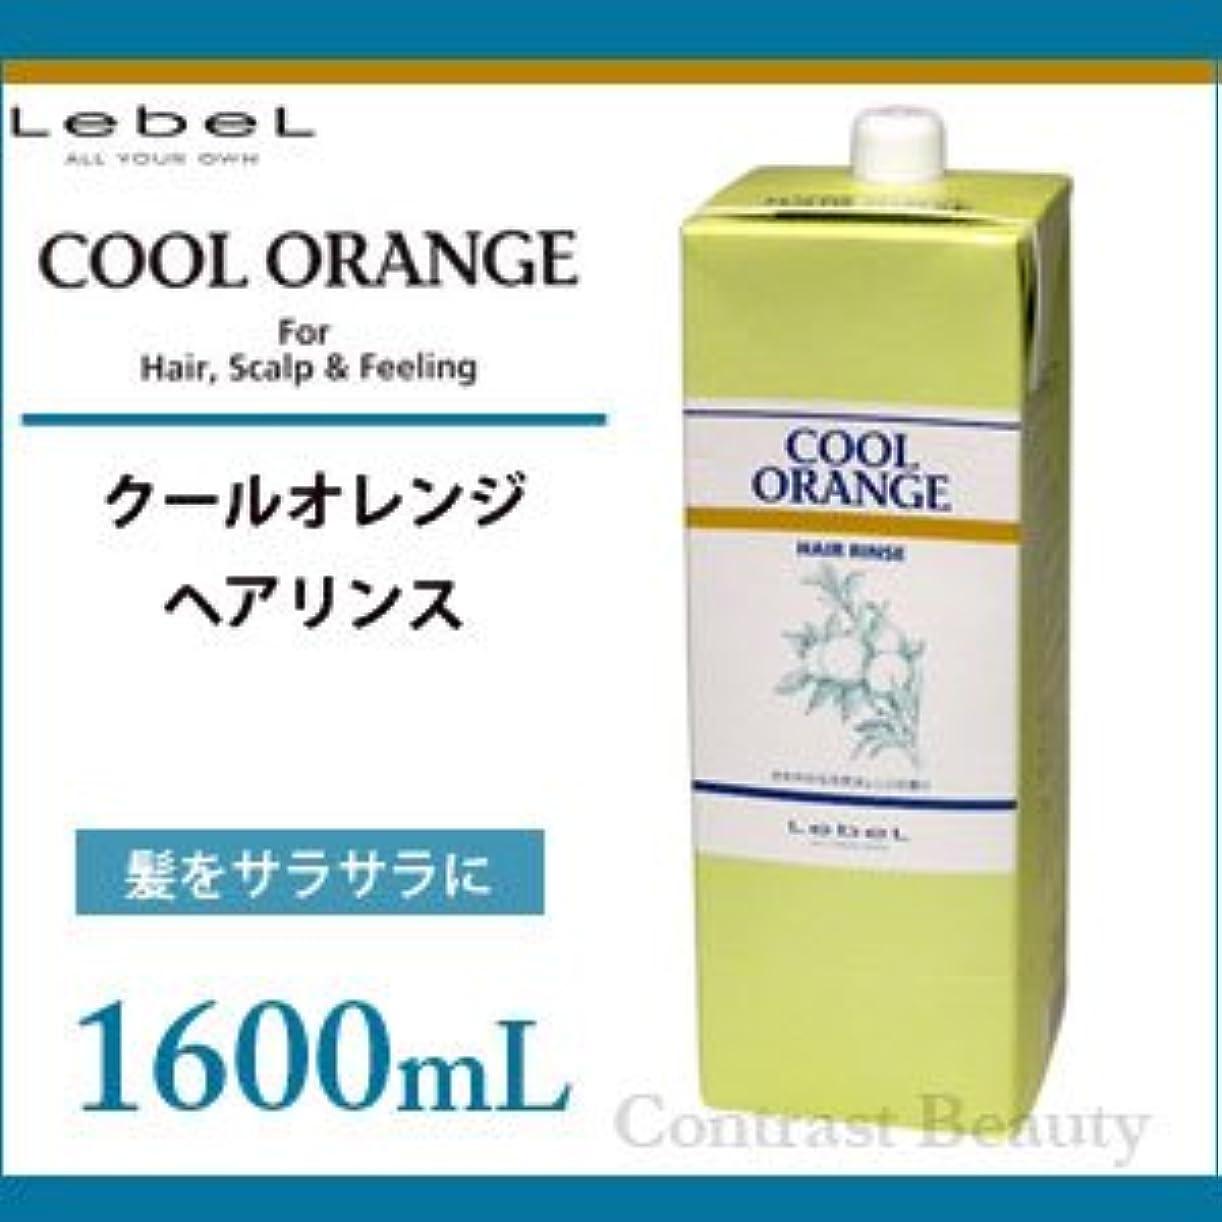 ブレーク雪のゴミ箱【X4個セット】 ルベル クールオレンジ ヘアリンス 1600ml